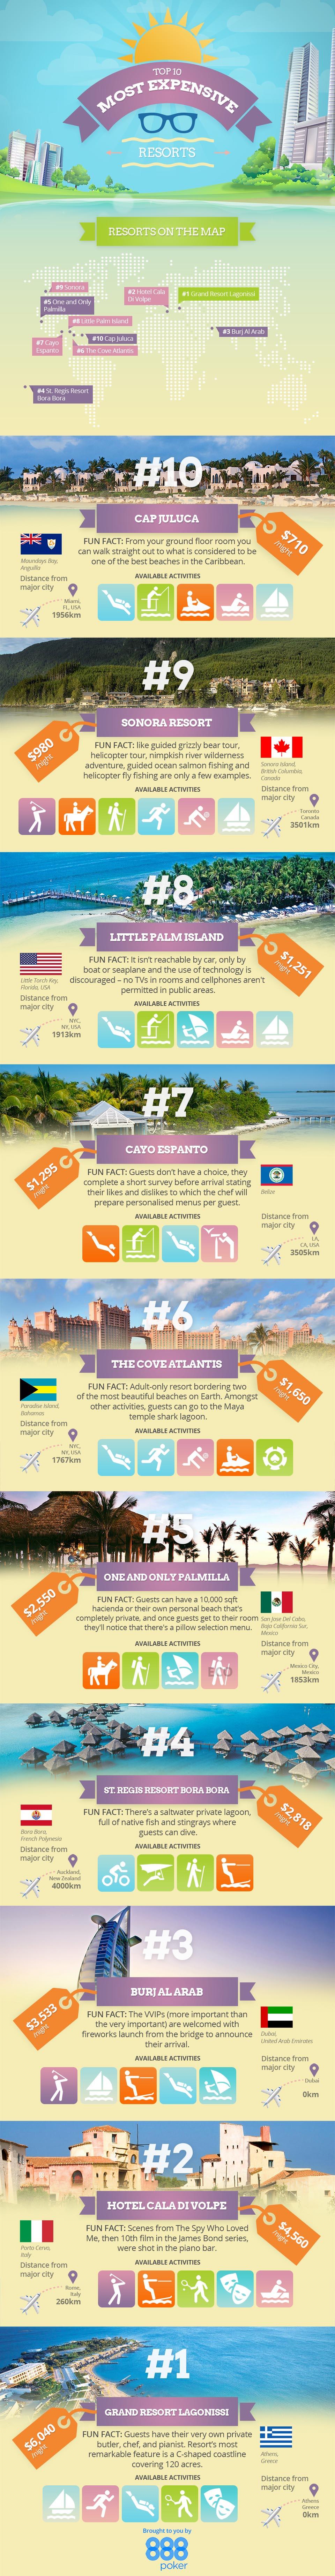 Top Ten Most Expensive Resorts